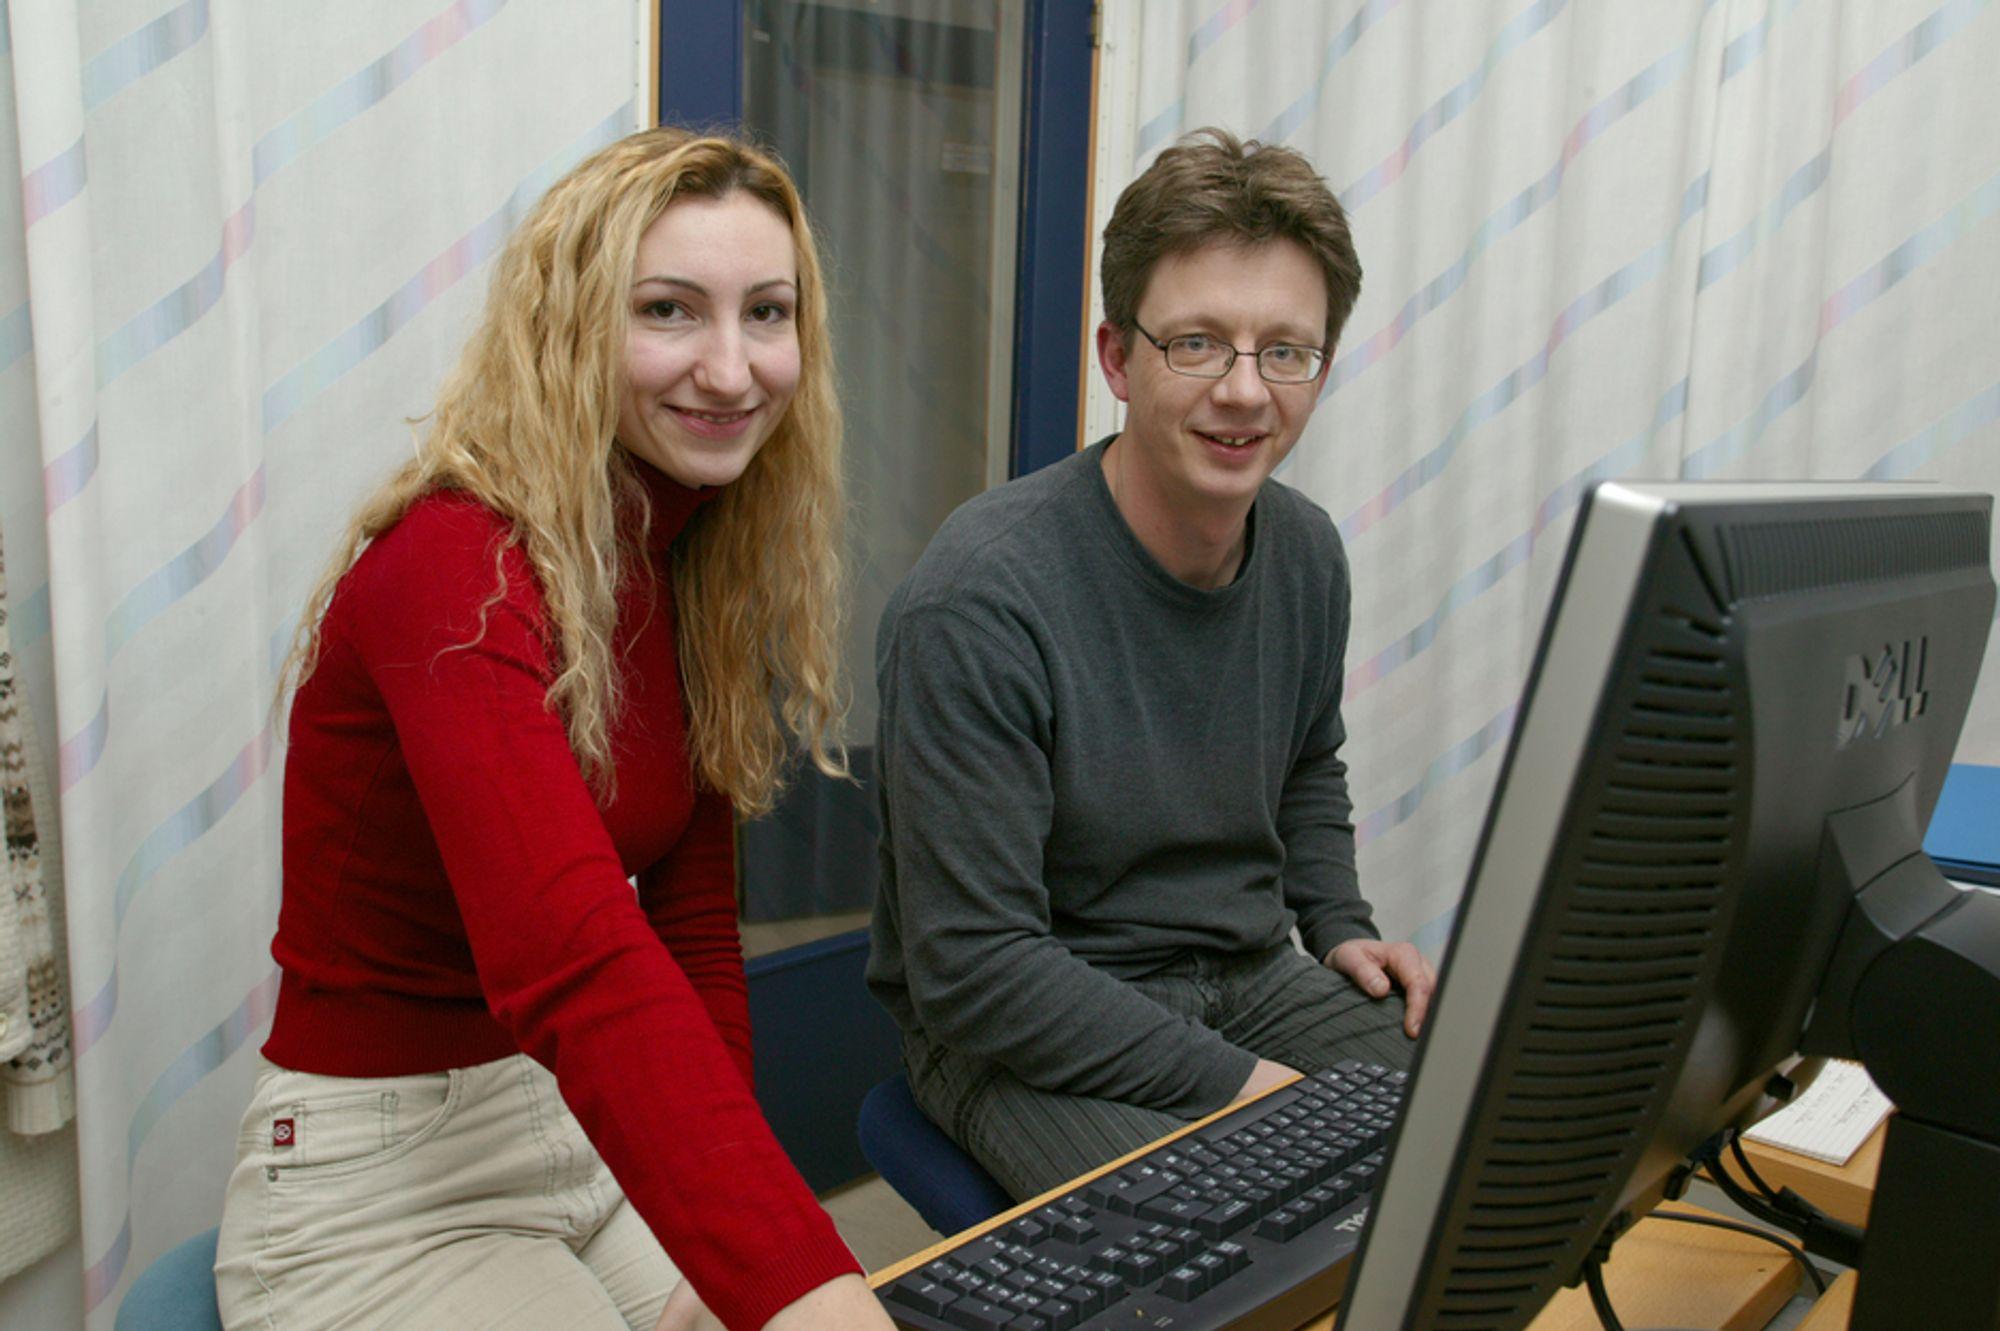 Sorterer bakterier: Knut Rudi og Monika Zimonja har utviklet en ny database for bakterier.